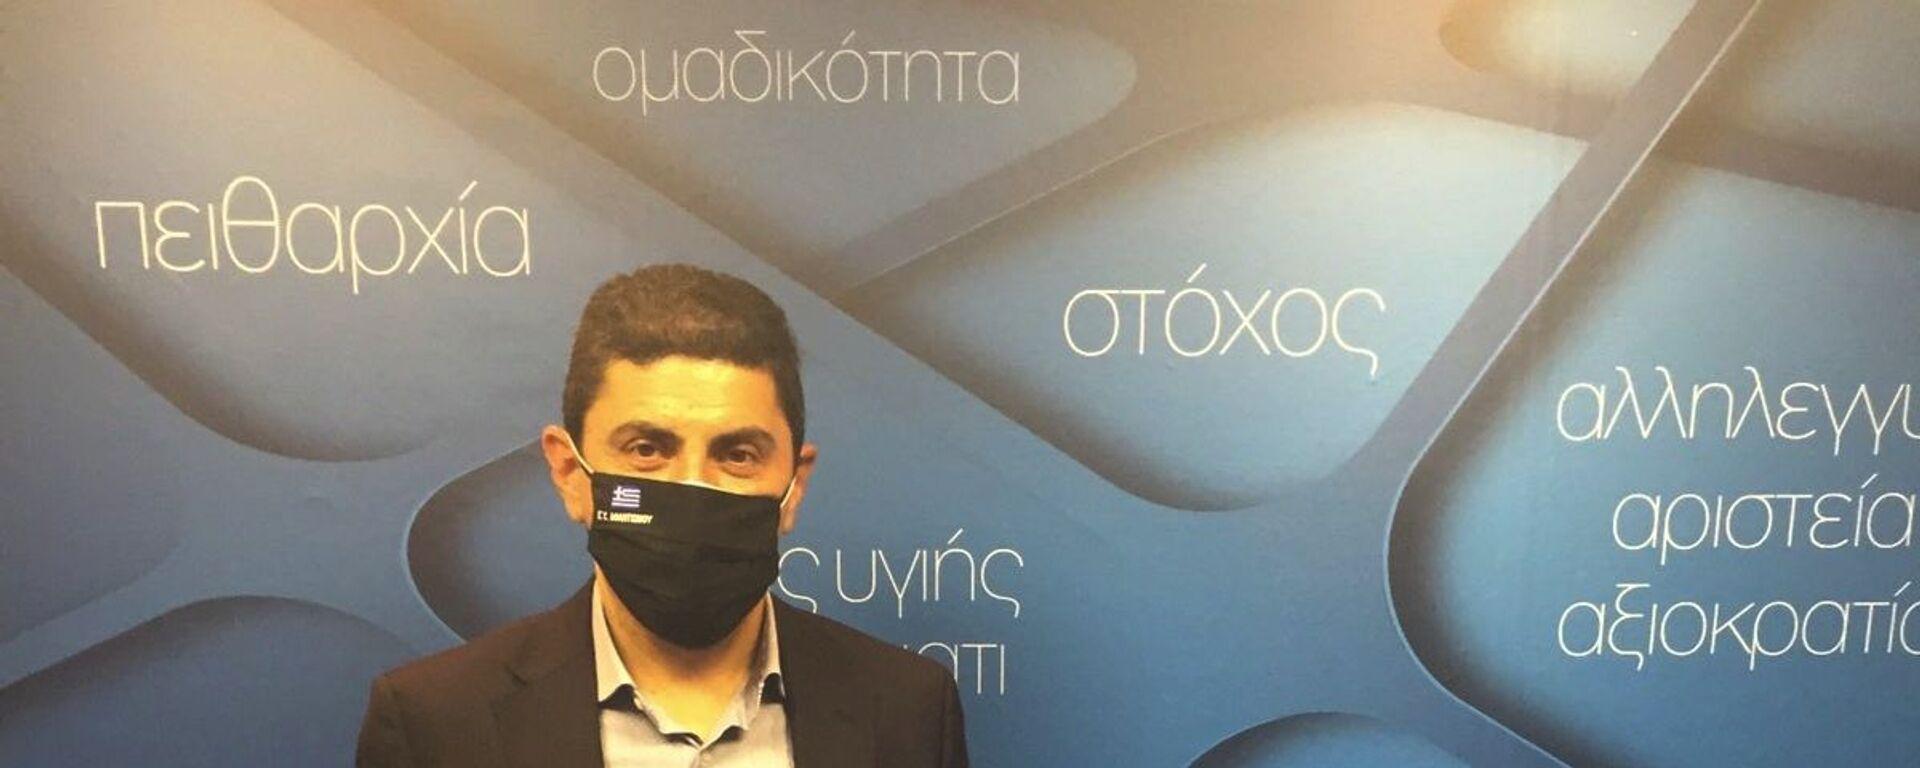 Ο Υφυπουργός Αθλητισμού, Λευτέρης Αυγενάκης - Sputnik Ελλάδα, 1920, 07.04.2021